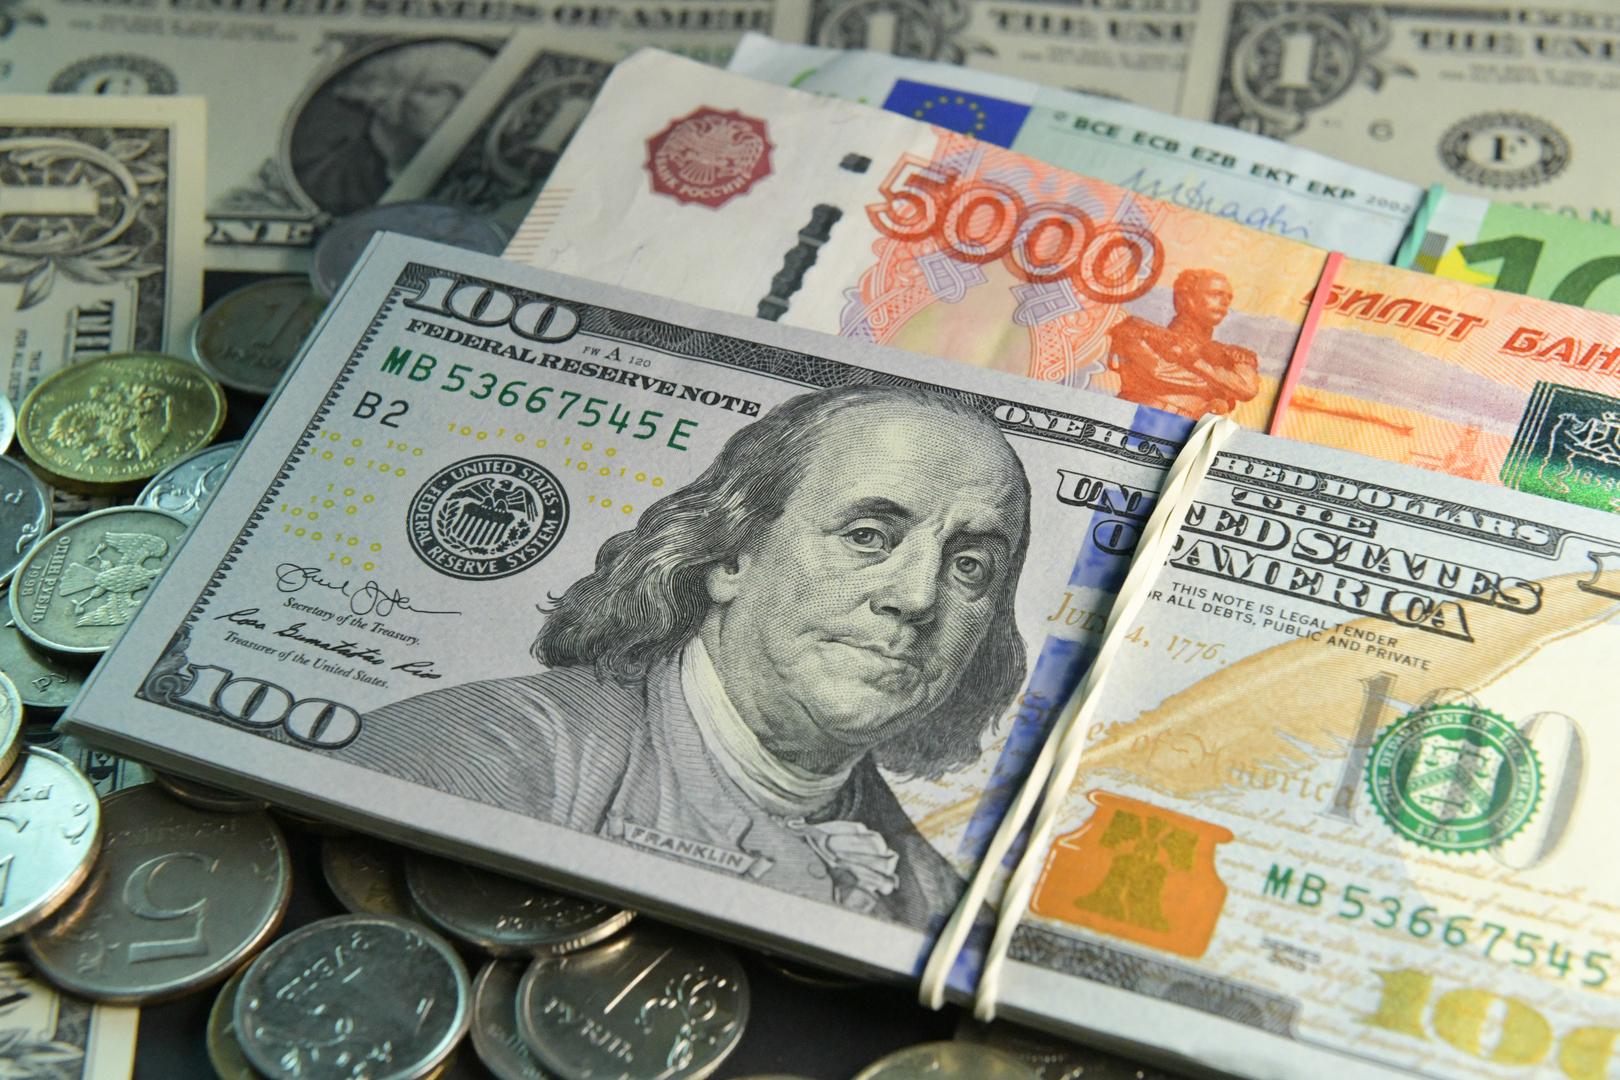 ارتفاع ملحوظ في موجودات صندوق الرفاه الوطني الروسي